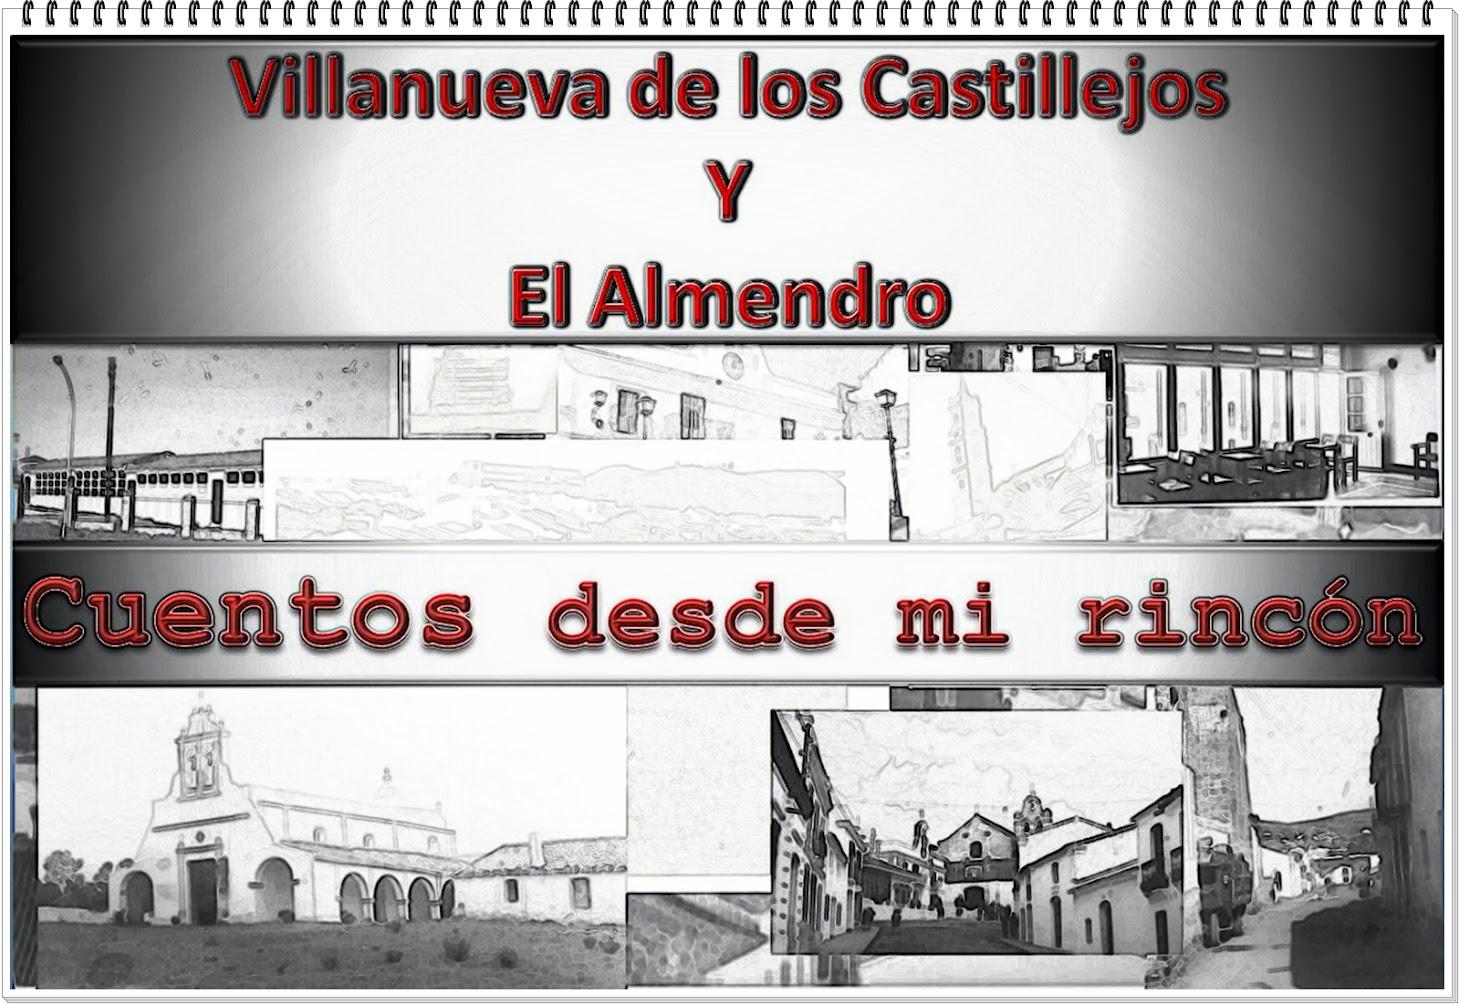 Villanueva de los Castillejos y El Almendro.